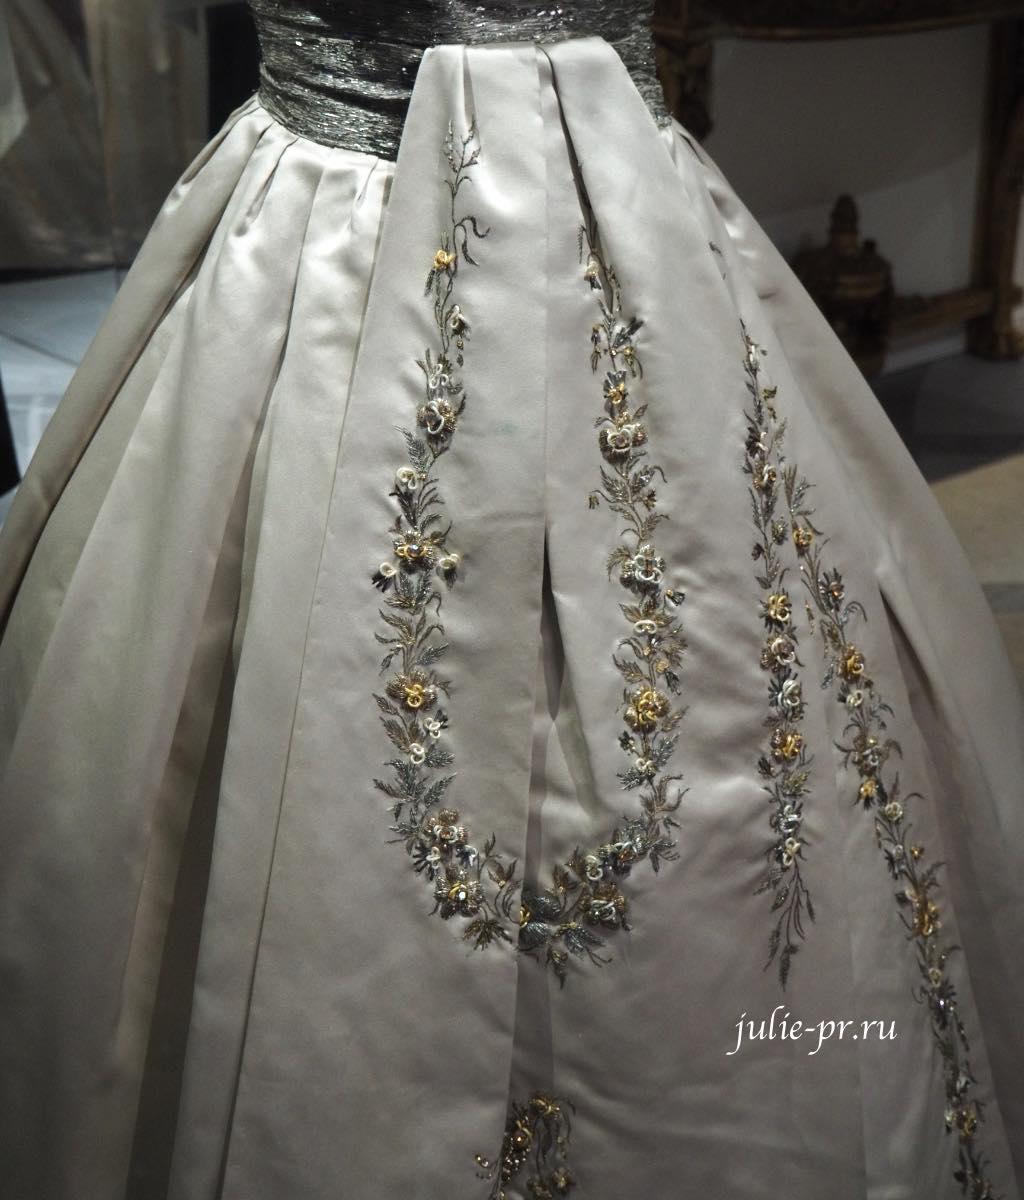 Платье Soiree Fleurie (Christian Dior haute couture осень/зима 1955). Вышивка